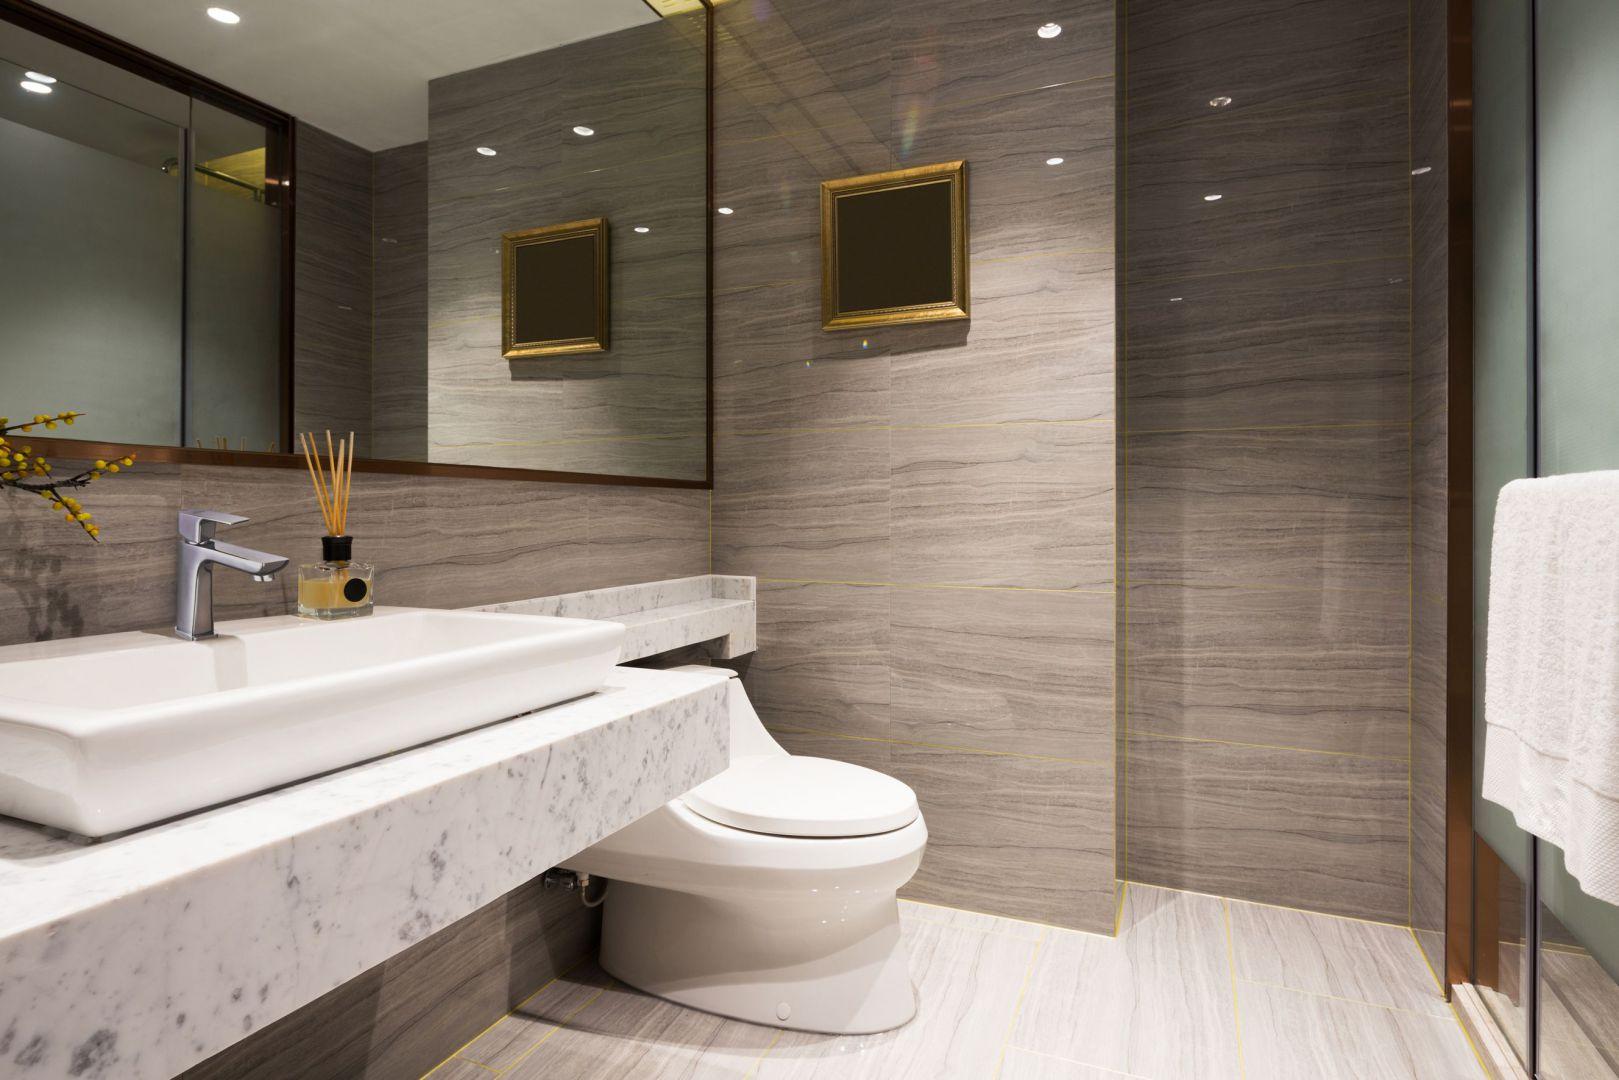 Aranżacja łazienki: stawiamy na minimalizm. Bateria umywalkowa Nyks niska. Fot. Invena.